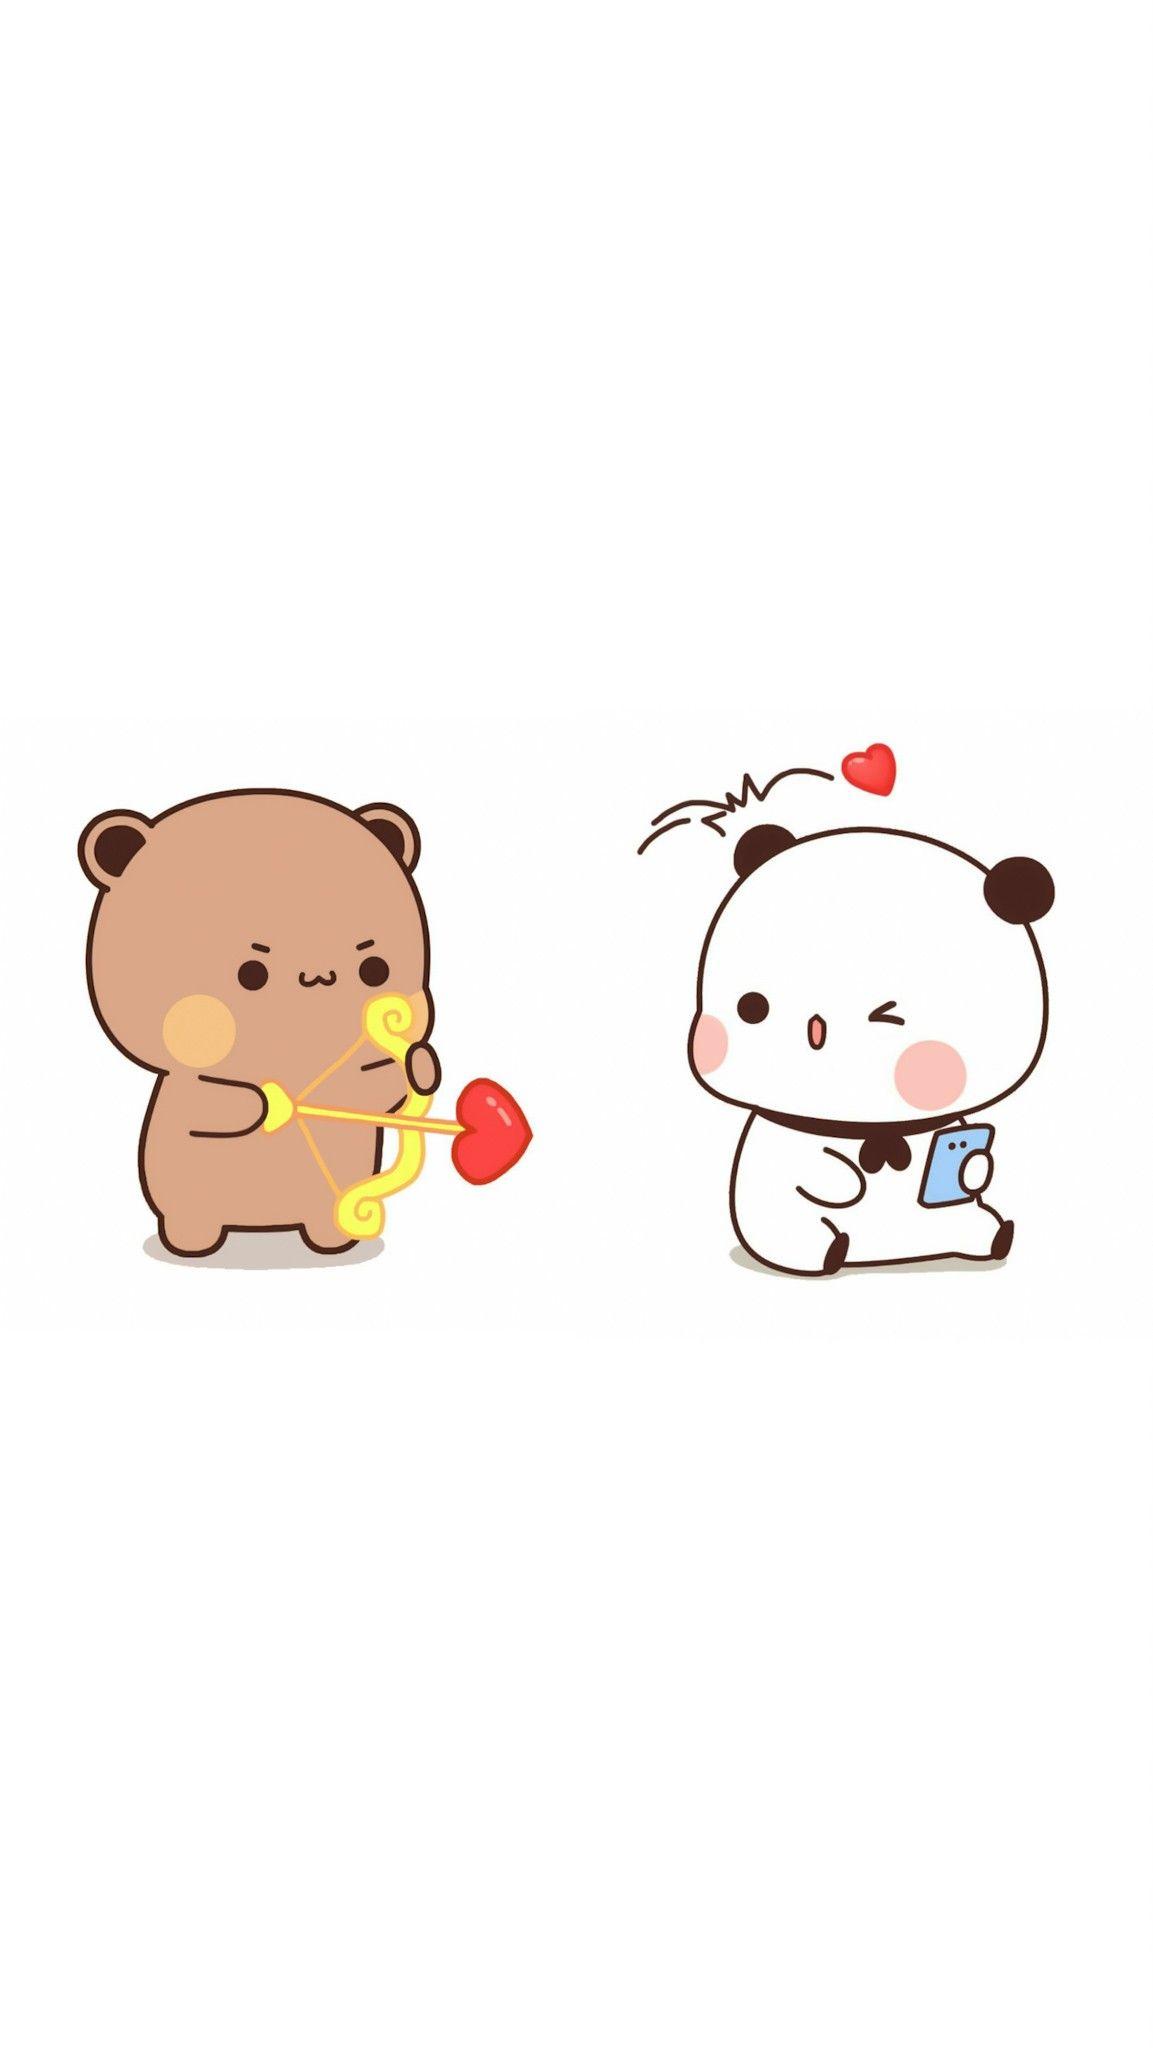 Ghim của 지희 김 trên 스티커 trong 2020 | Đang yêu, Động vật, Ảnh tường cho điện  thoại